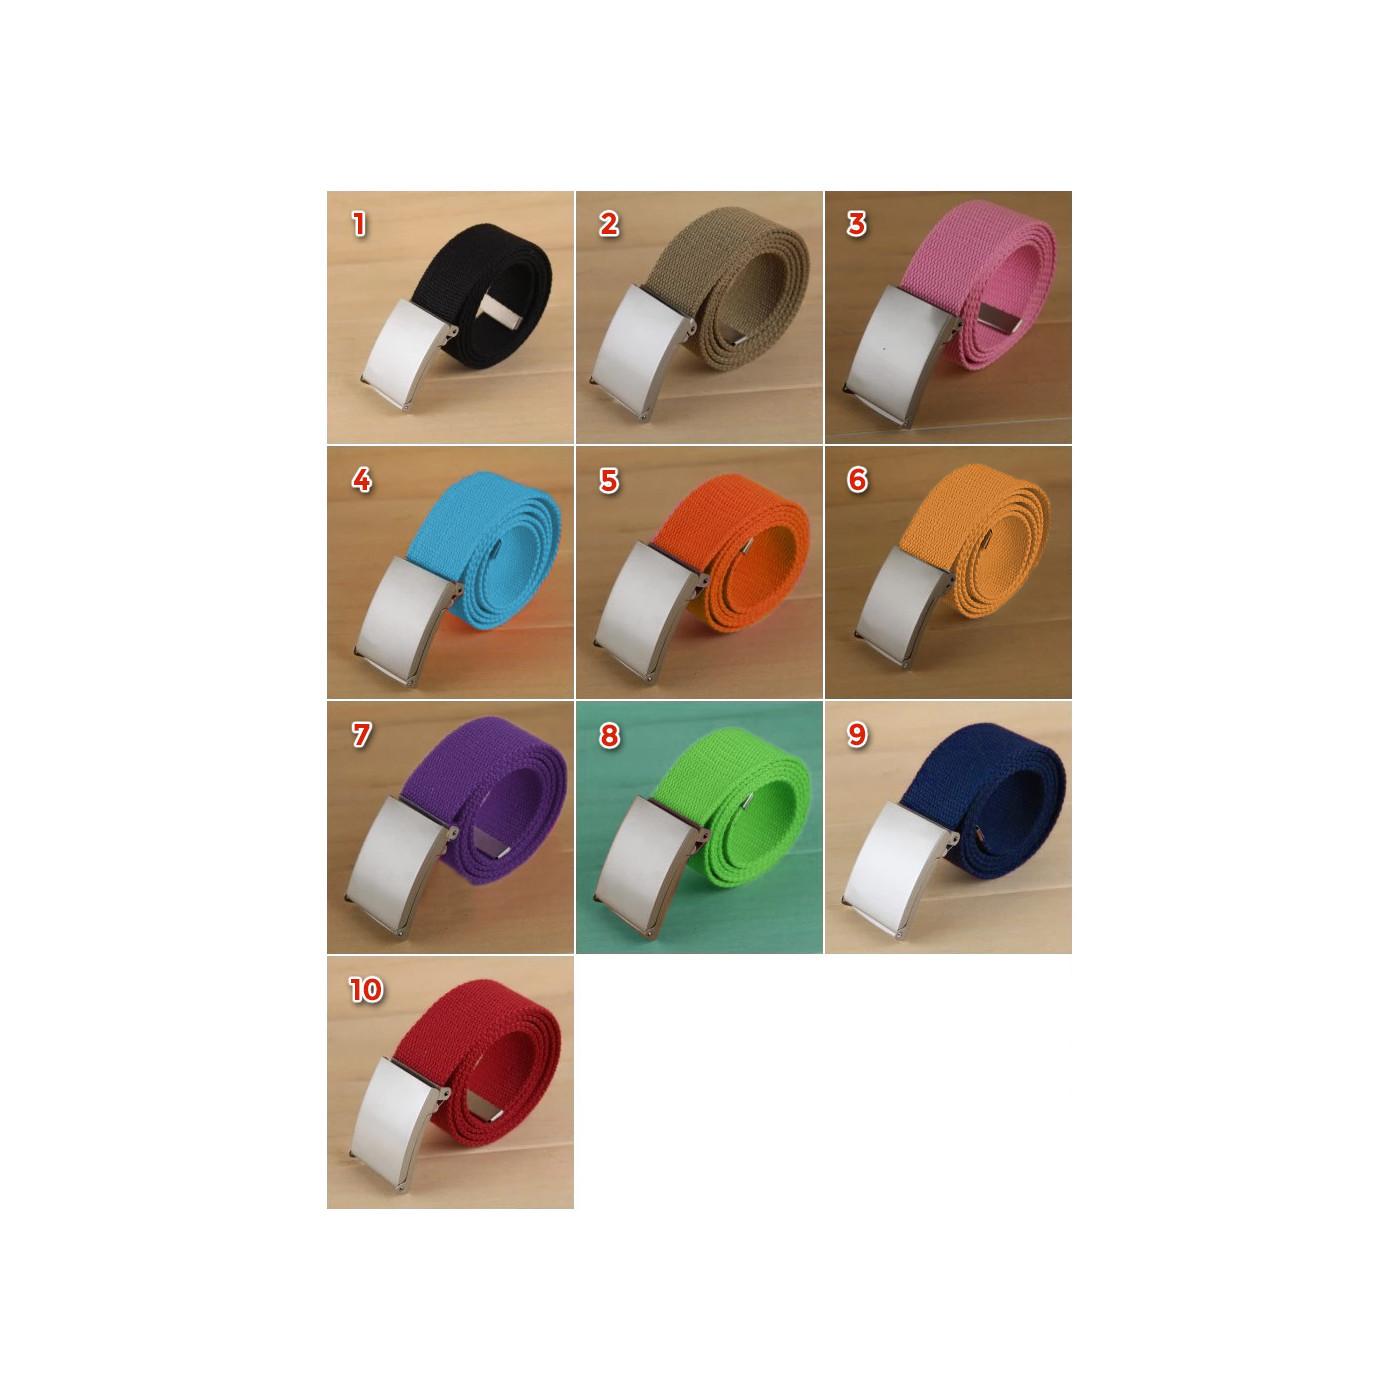 Set von 5 einfachen, lässigen Gürteln, Khaki (Farbe 2)  - 1